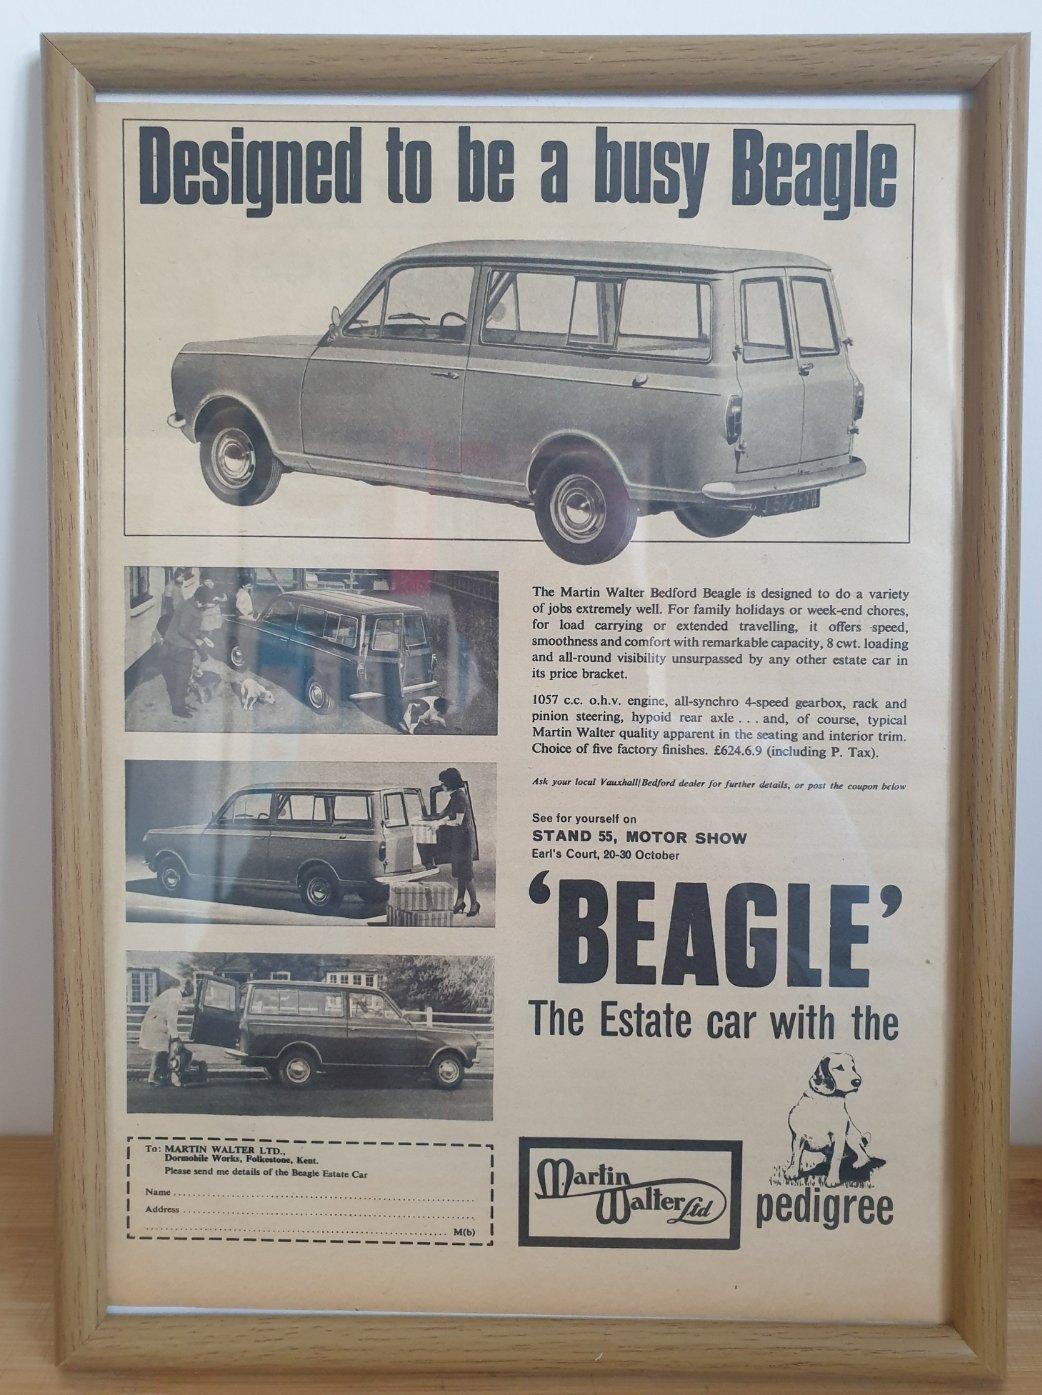 1969 Original 1965 Bedford Beagle Framed Advert  For Sale (picture 1 of 3)